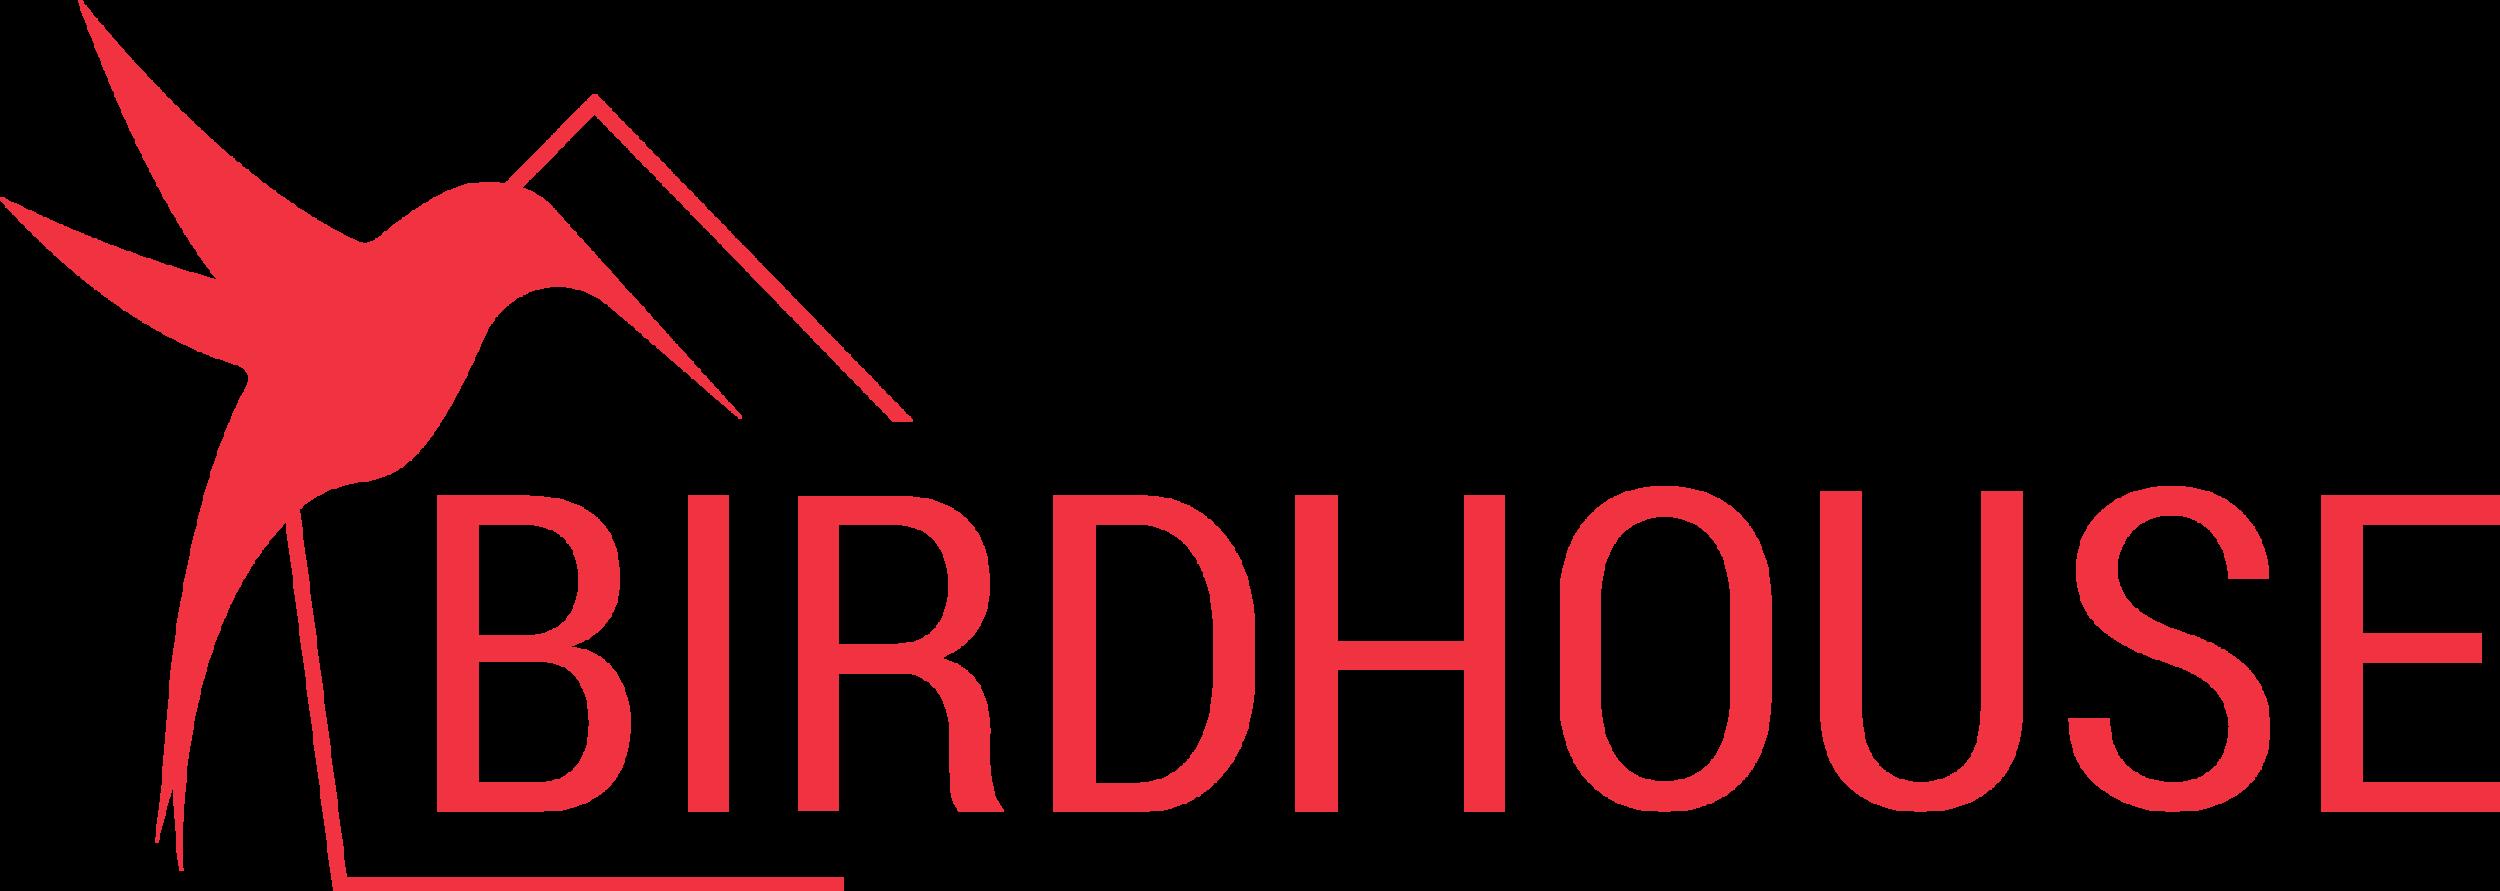 Birdhouse_logo_liggend.png